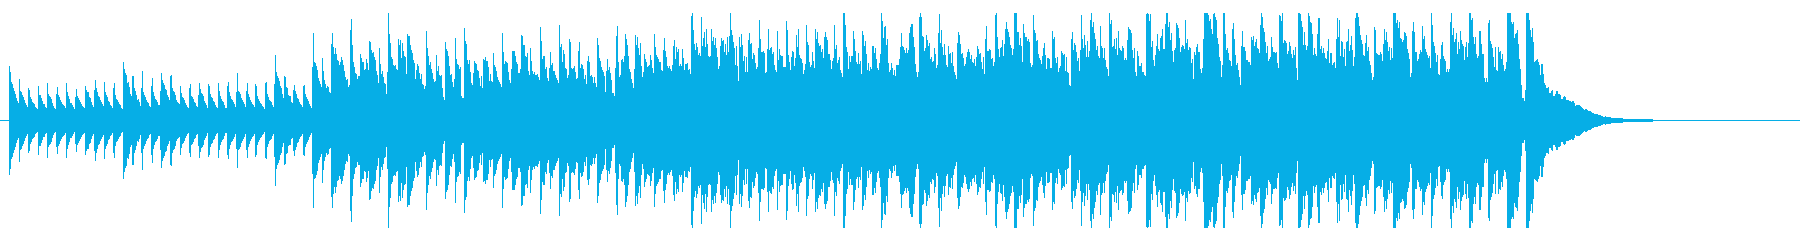 カリンバ(チェレスタ)が時を刻むBGM☆の再生済みの波形